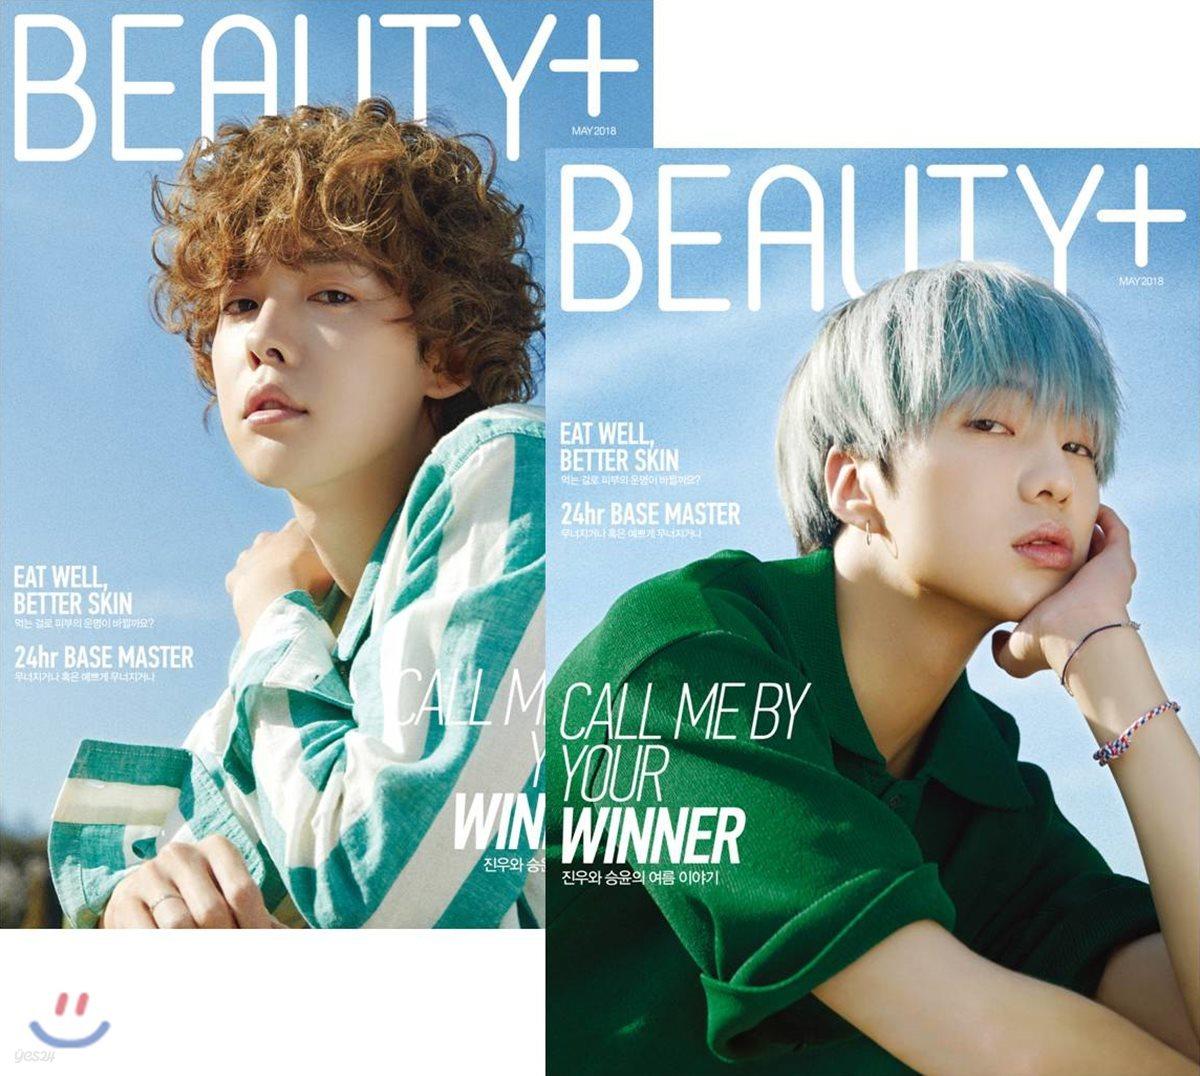 [과월호] BEAUTY+ 뷰티쁠 위너 합본호 (월간) : 5월 [2018년]